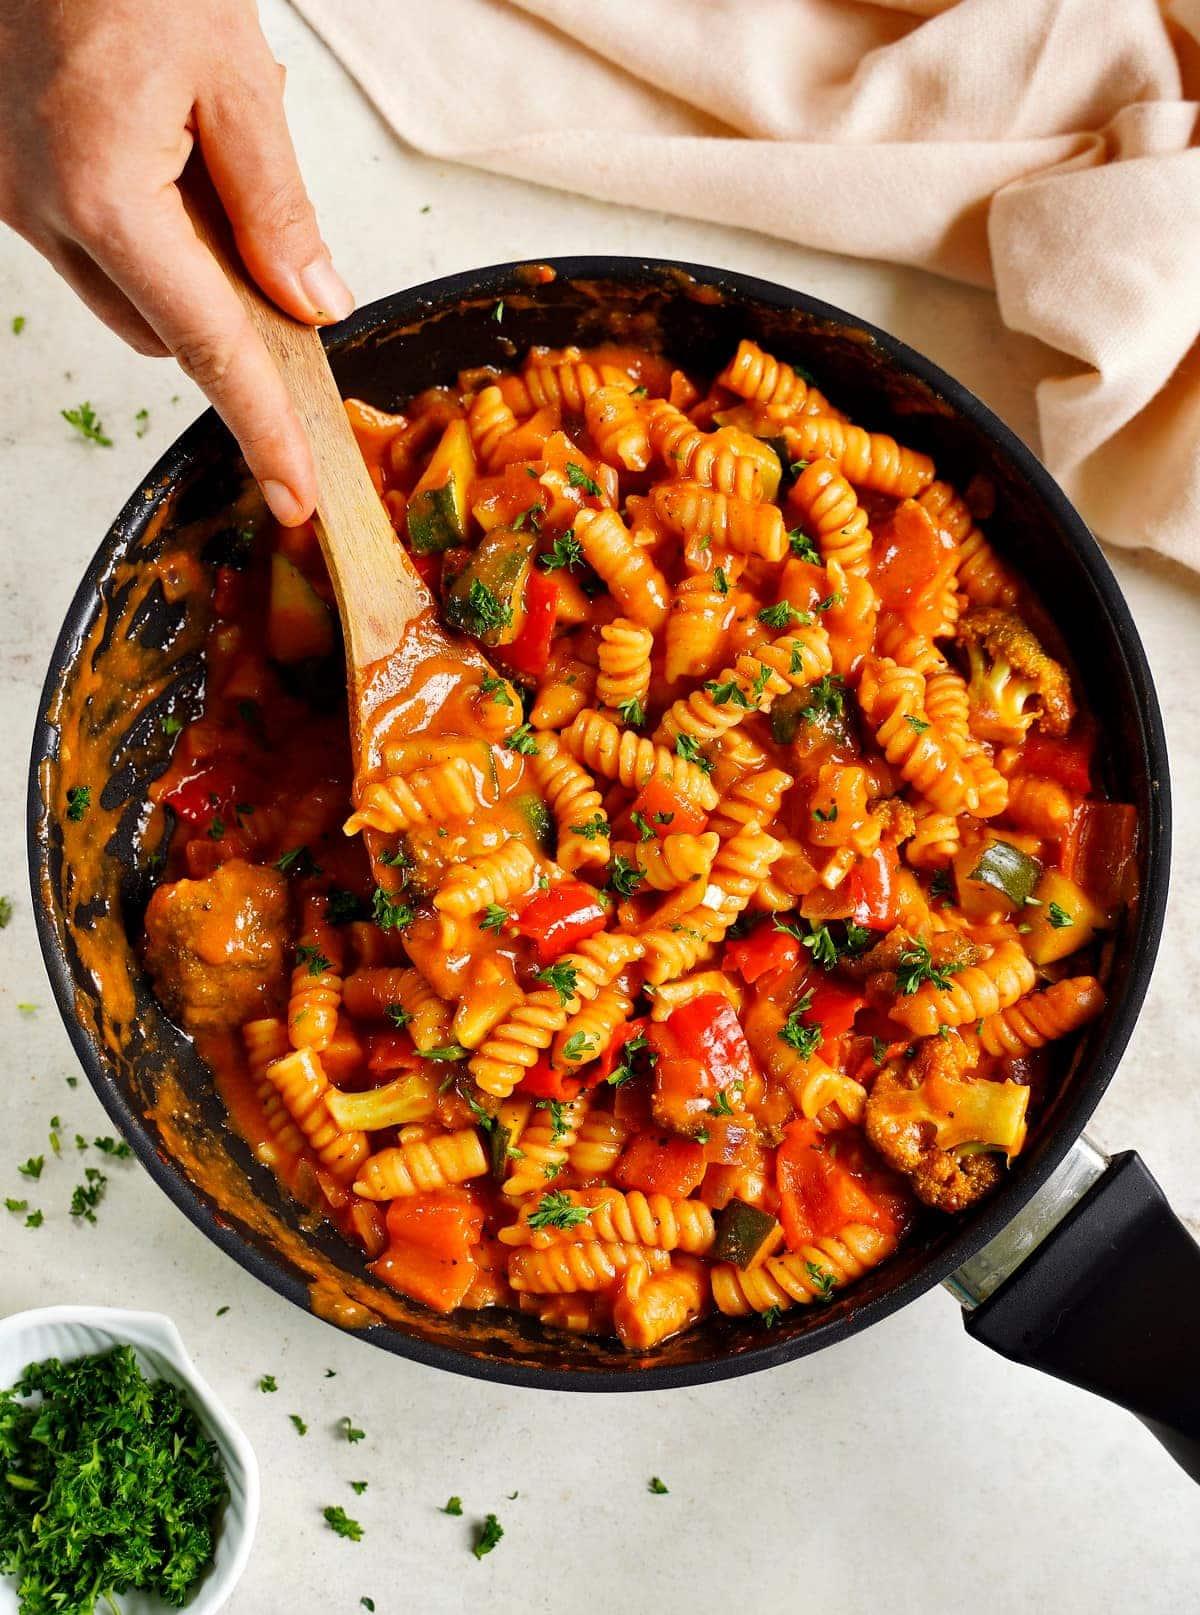 One Pot Pasta mit Gemüse in schwarzer Pfanne mit cremiger Tomatensauce wird mit Holzlöffel gerührt